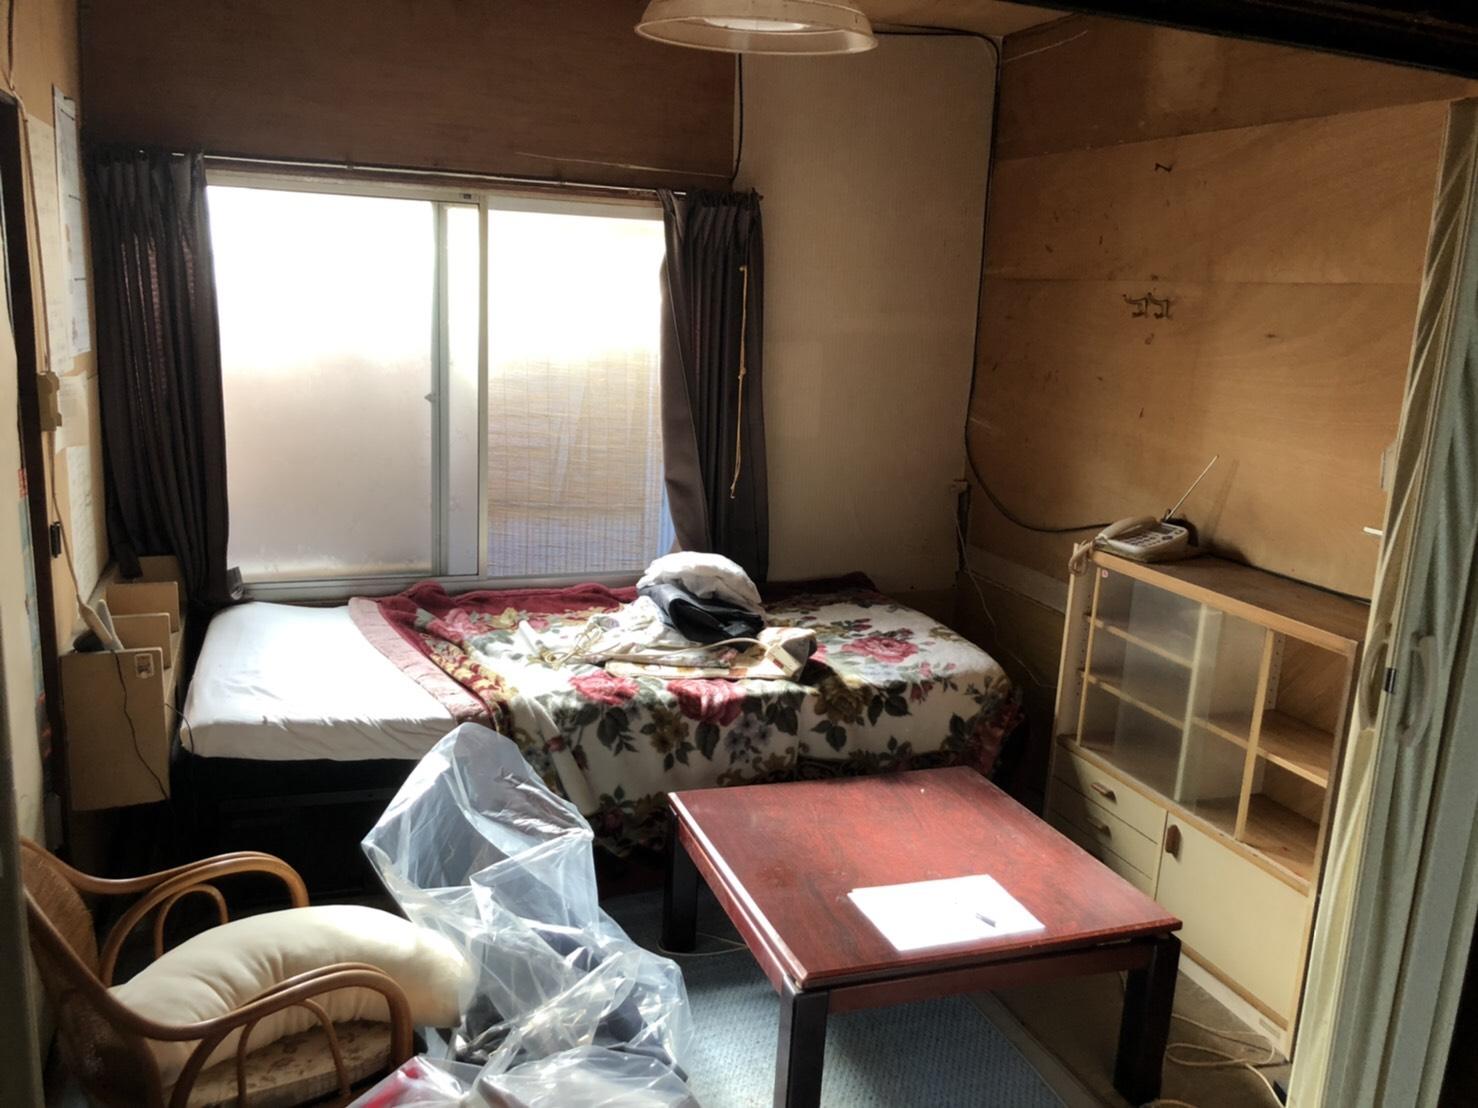 ベッド、タンス、テーブル、椅子、マットレス、布団の回収前